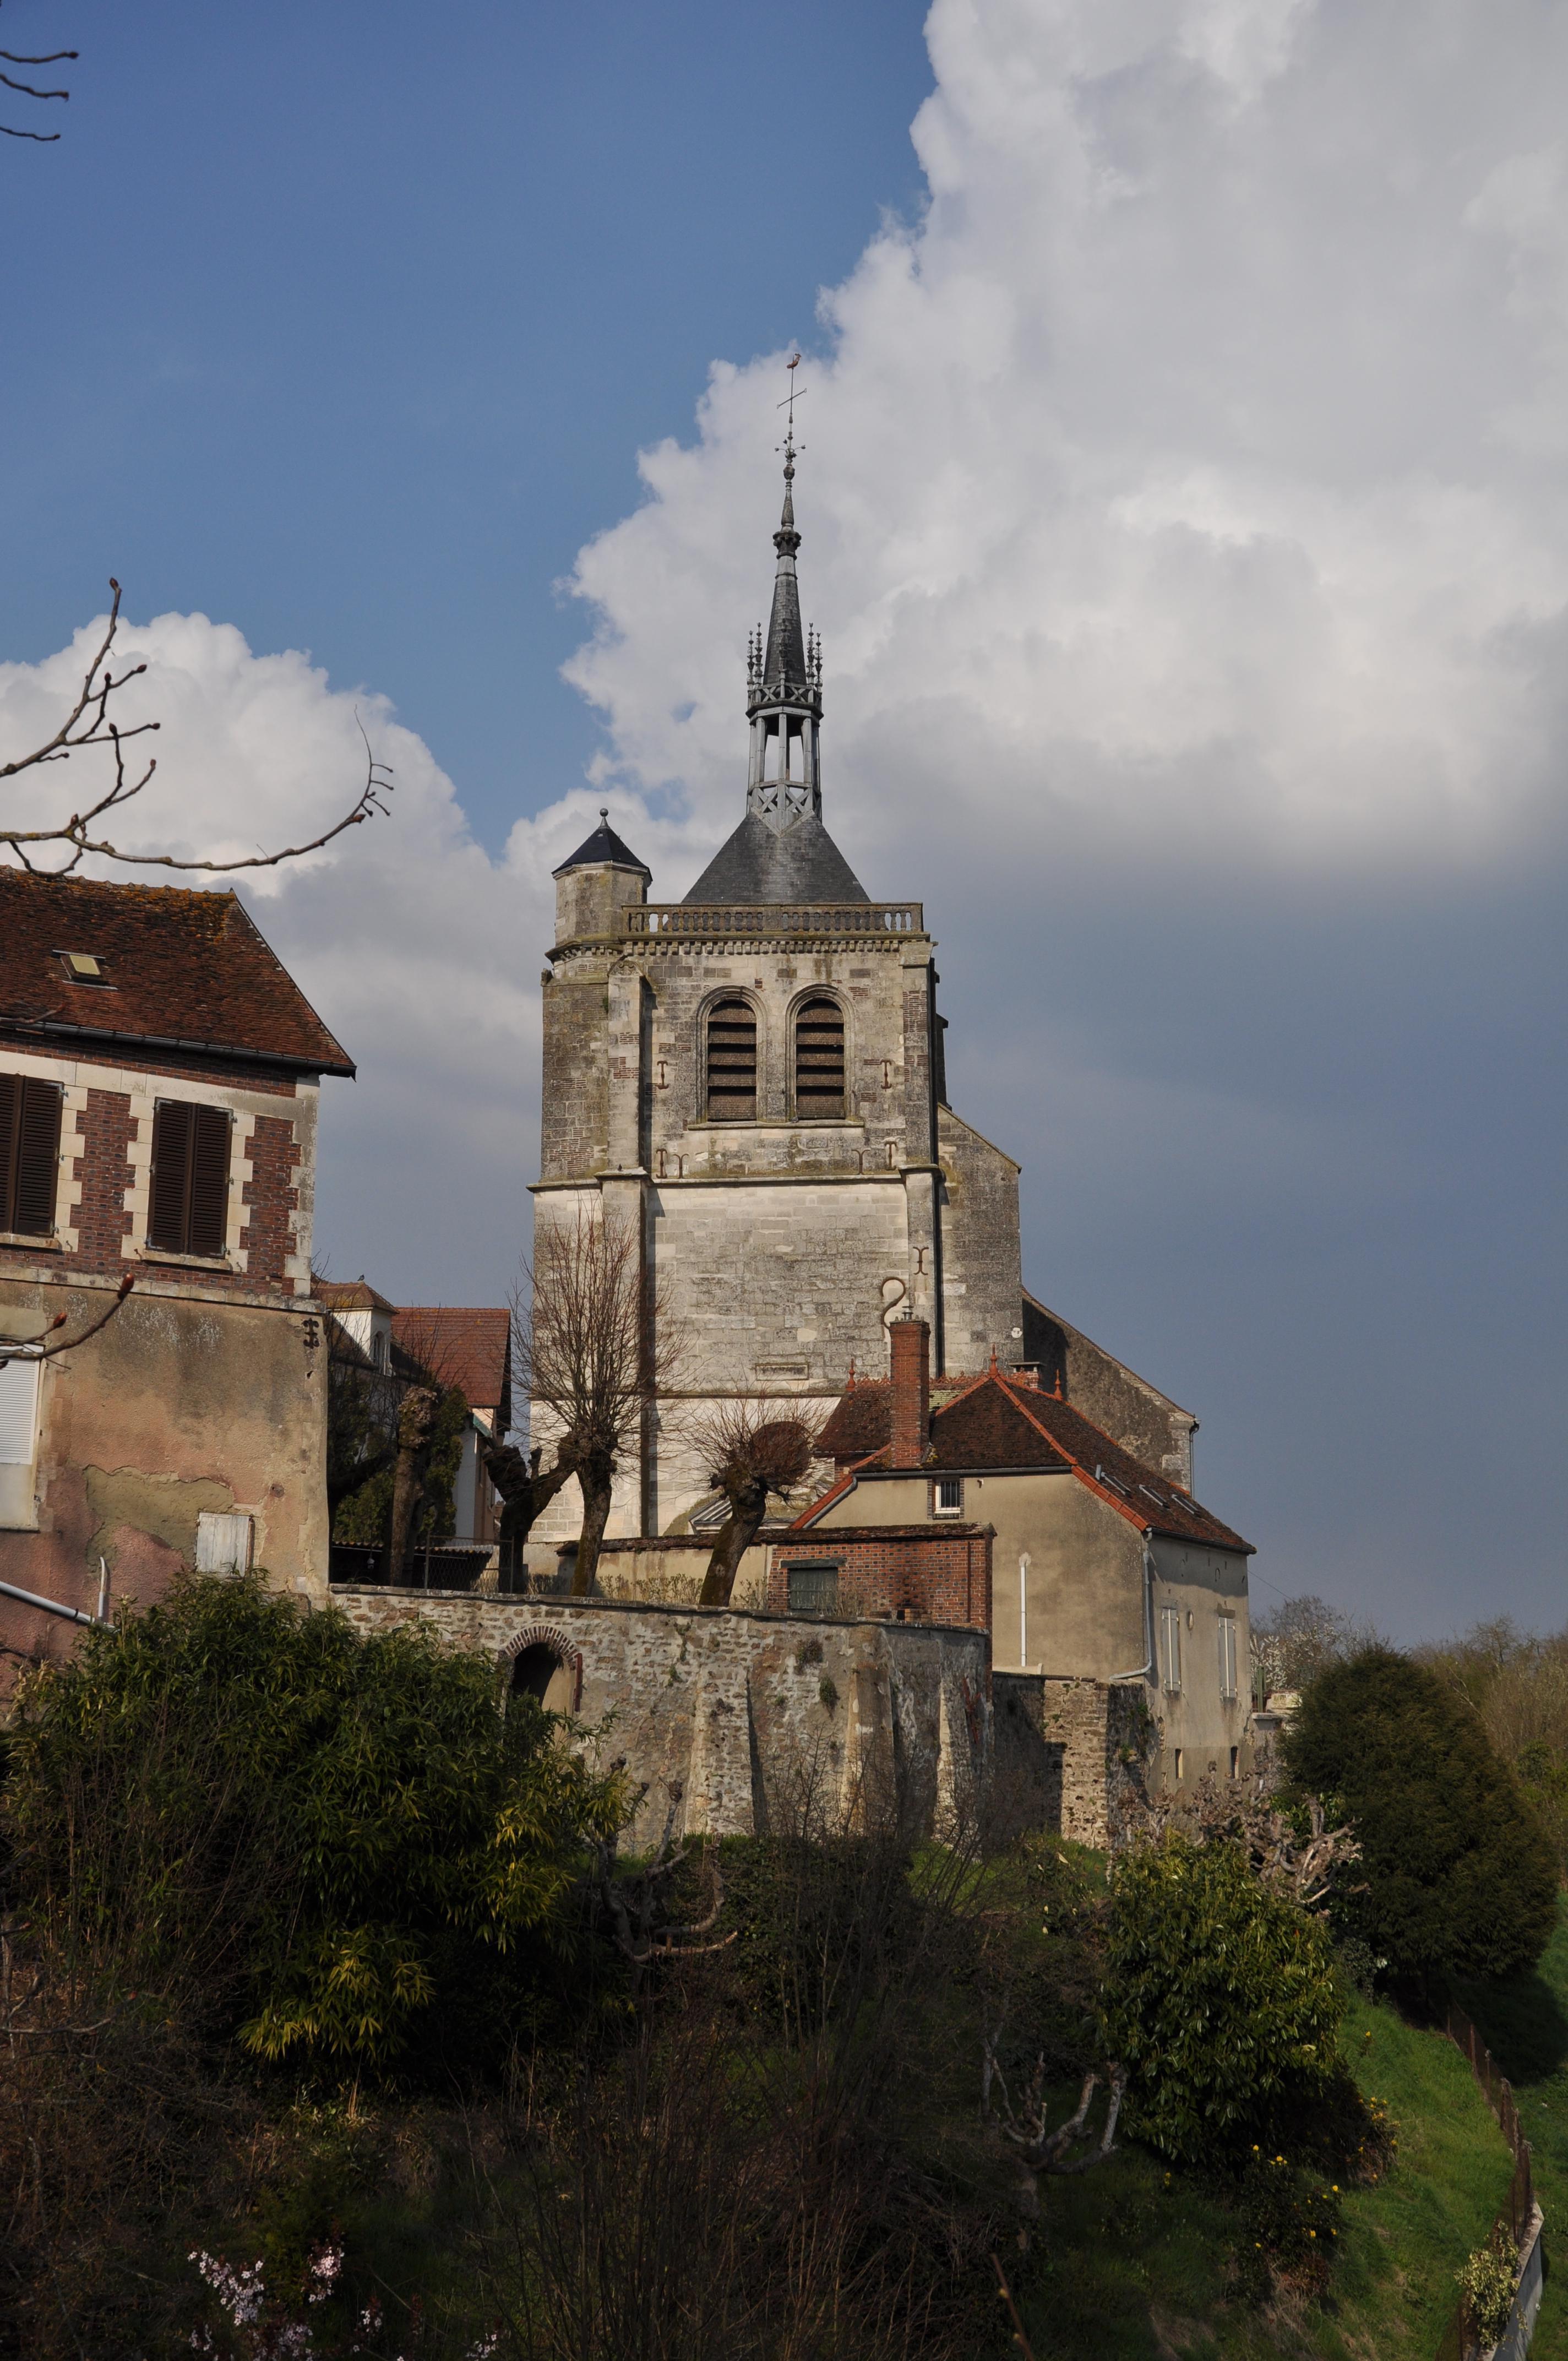 Eglise Notre Dame de la nativité